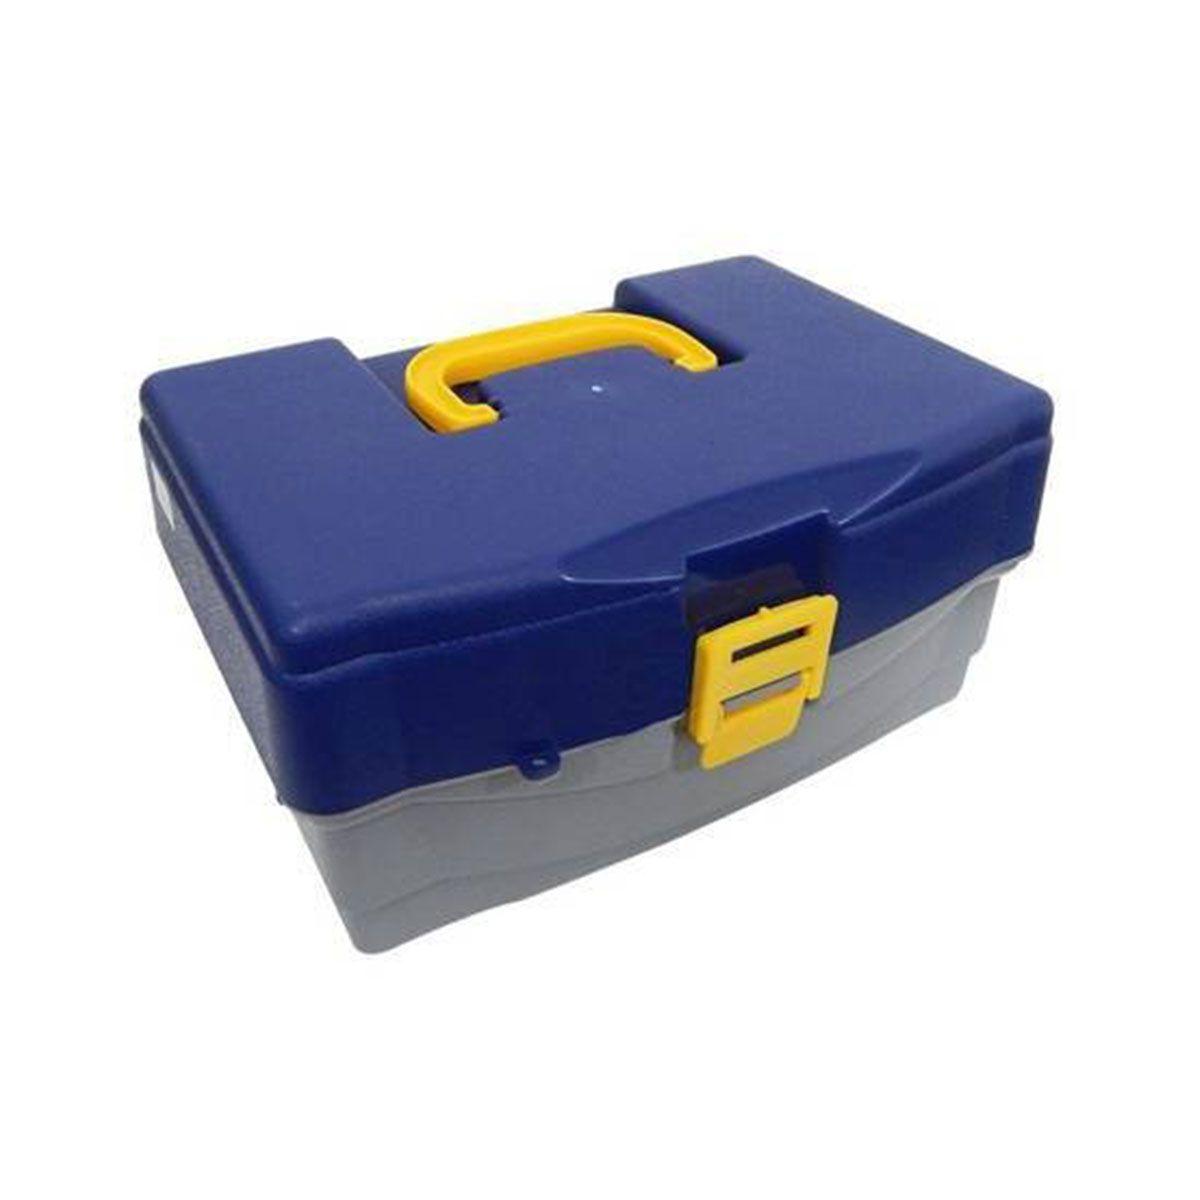 Caixa de Pesca Hi 4 Bandeja Azul e Amarelo